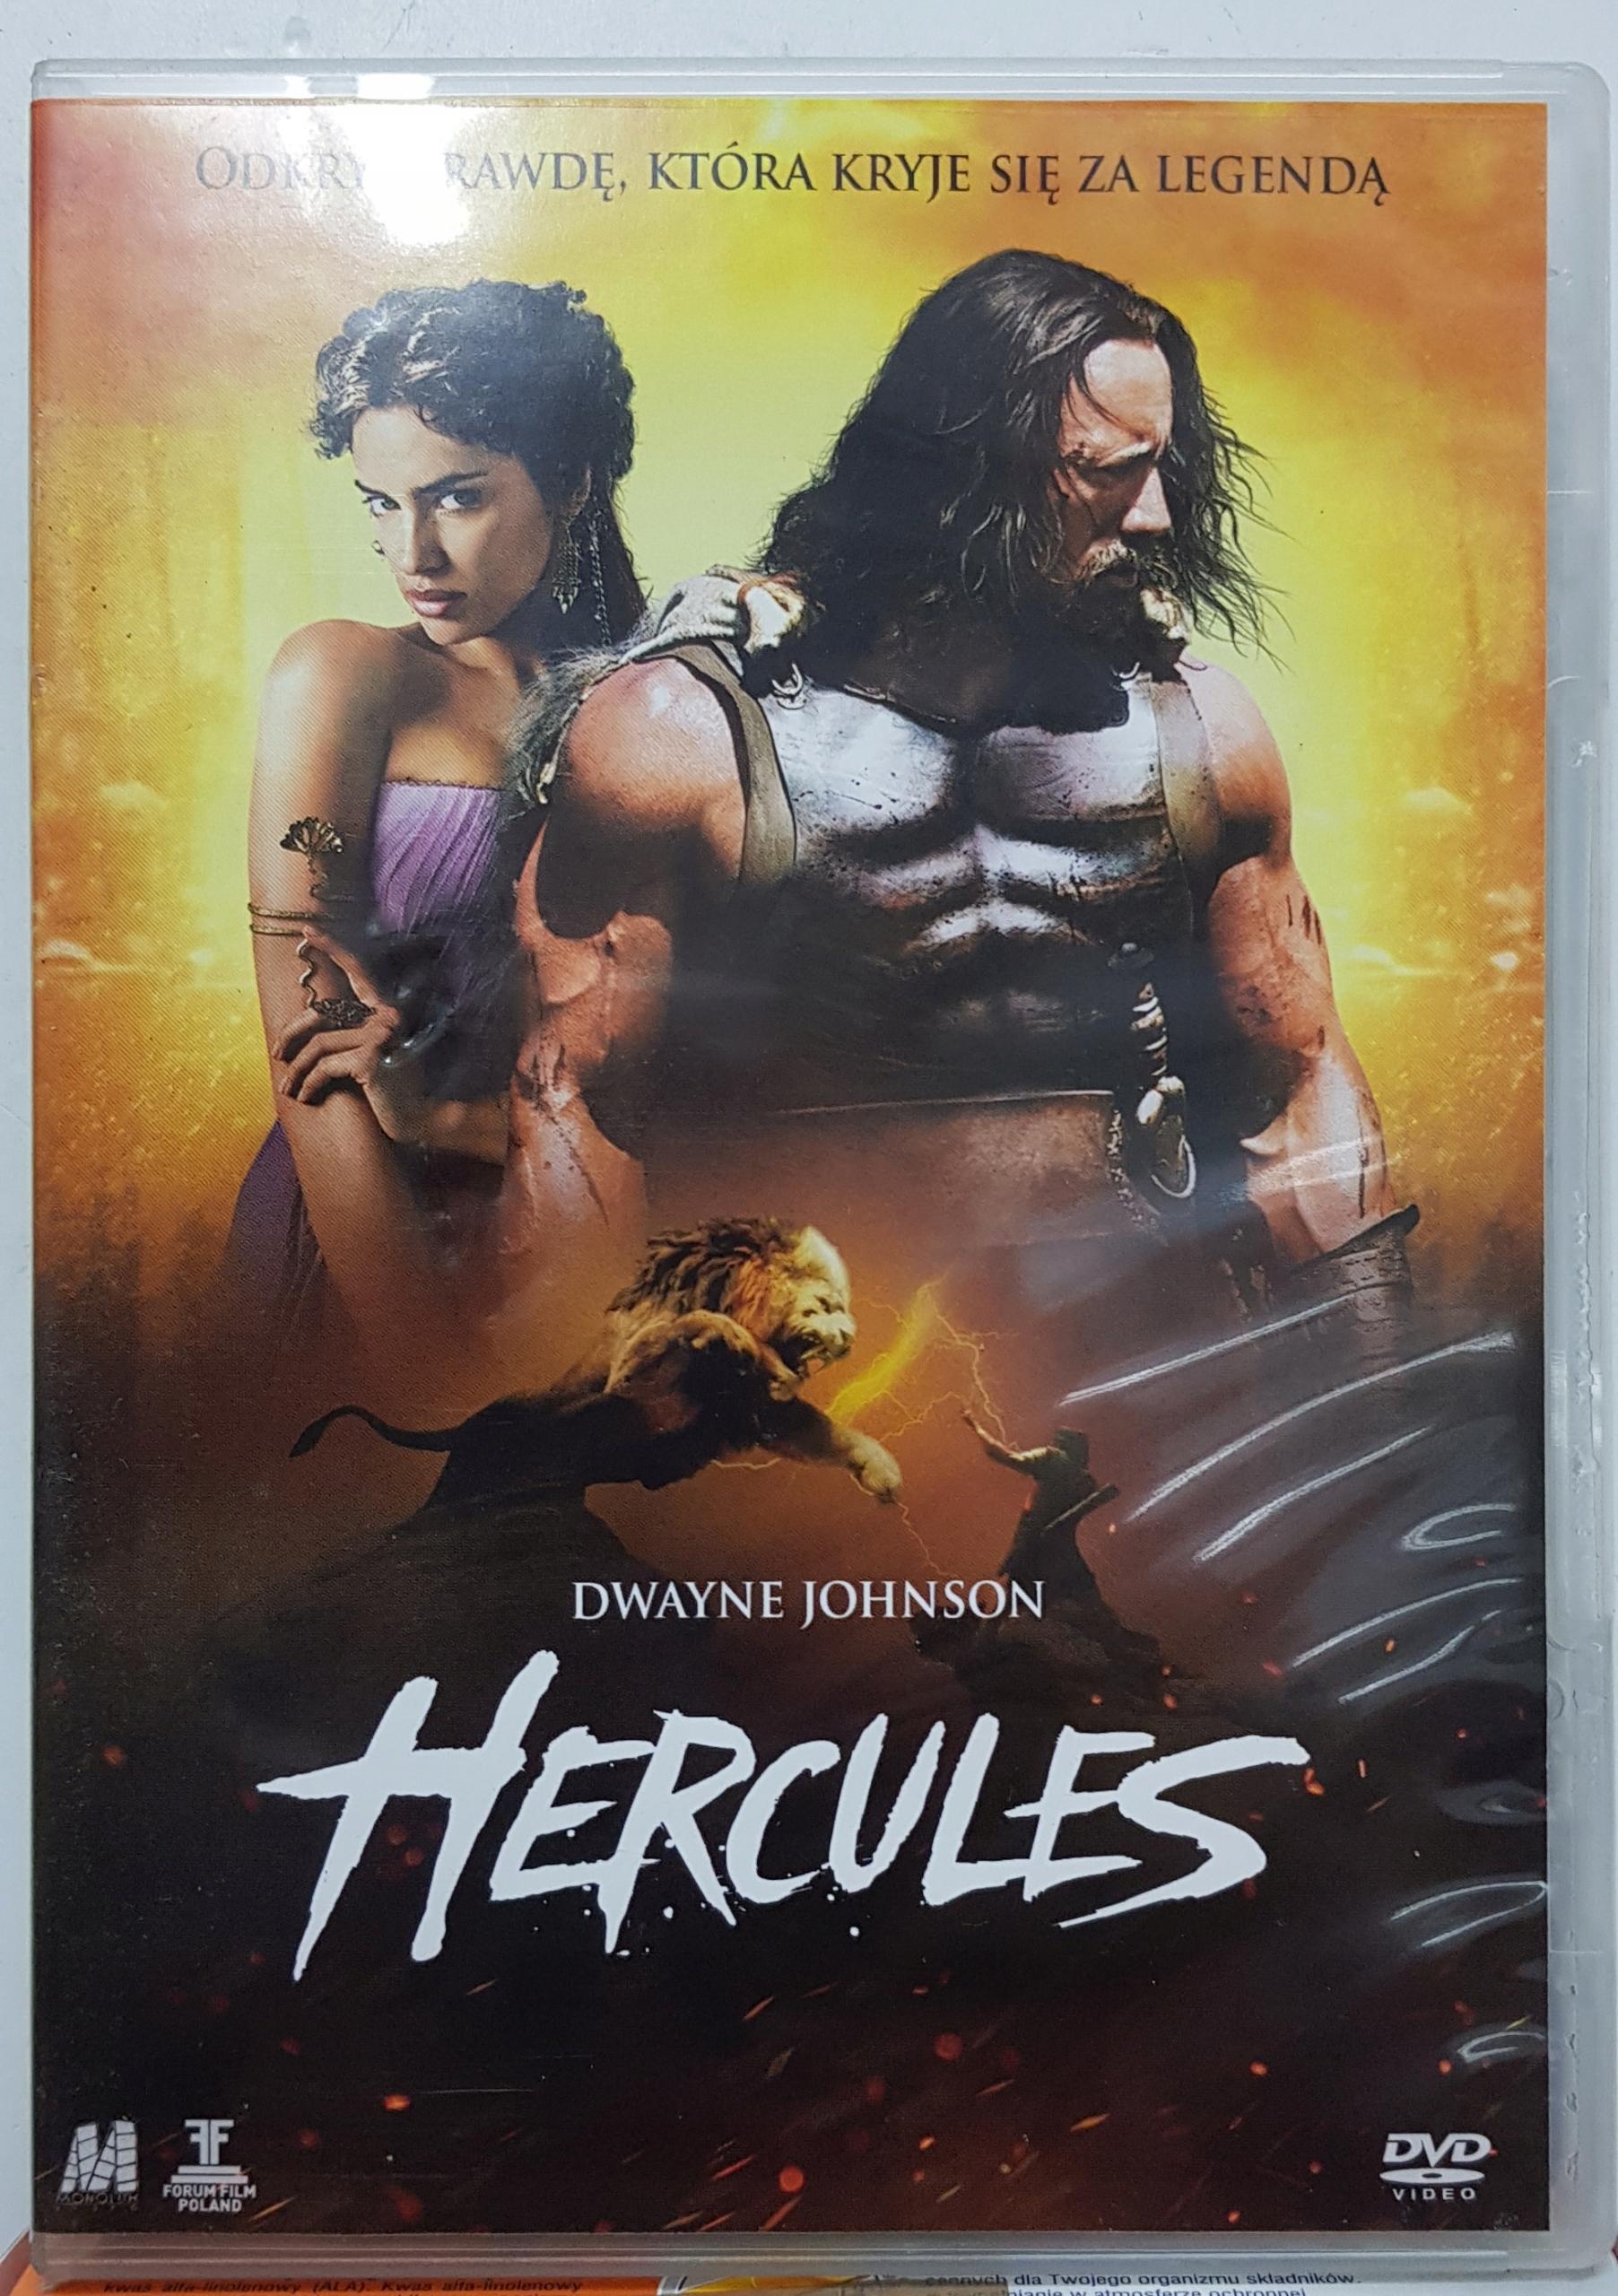 7 Hercules Dwayne Johnson Ian McShane DVD